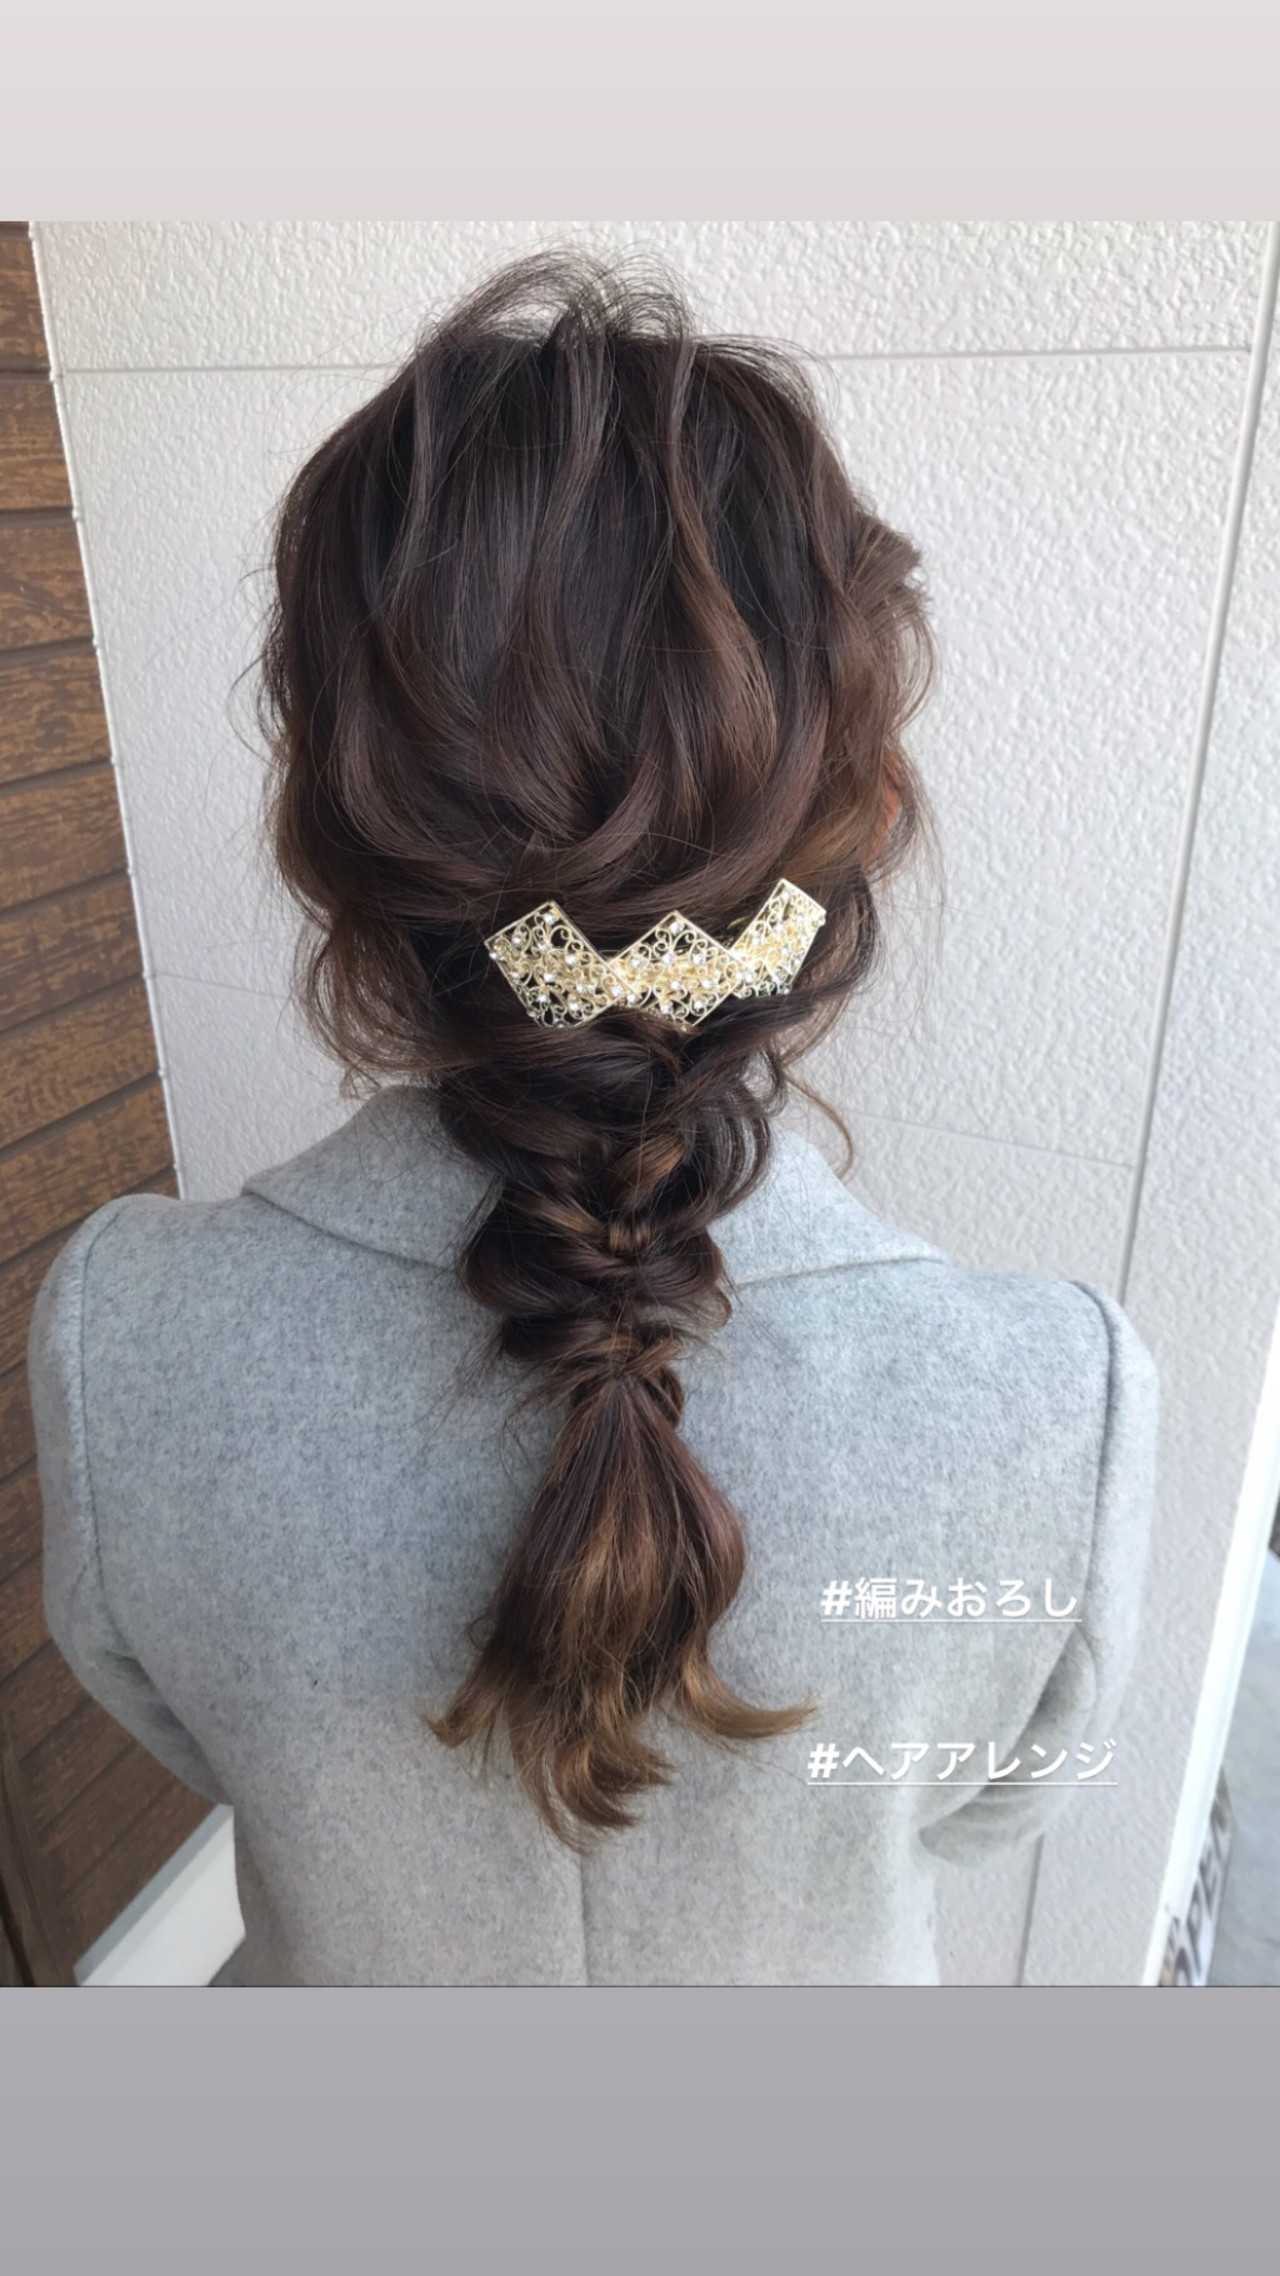 編みおろし 簡単ヘアアレンジ 結婚式ヘアアレンジ セミロング ヘアスタイルや髪型の写真・画像 | 役谷茜音 / VIRAL(ヴァイラル)